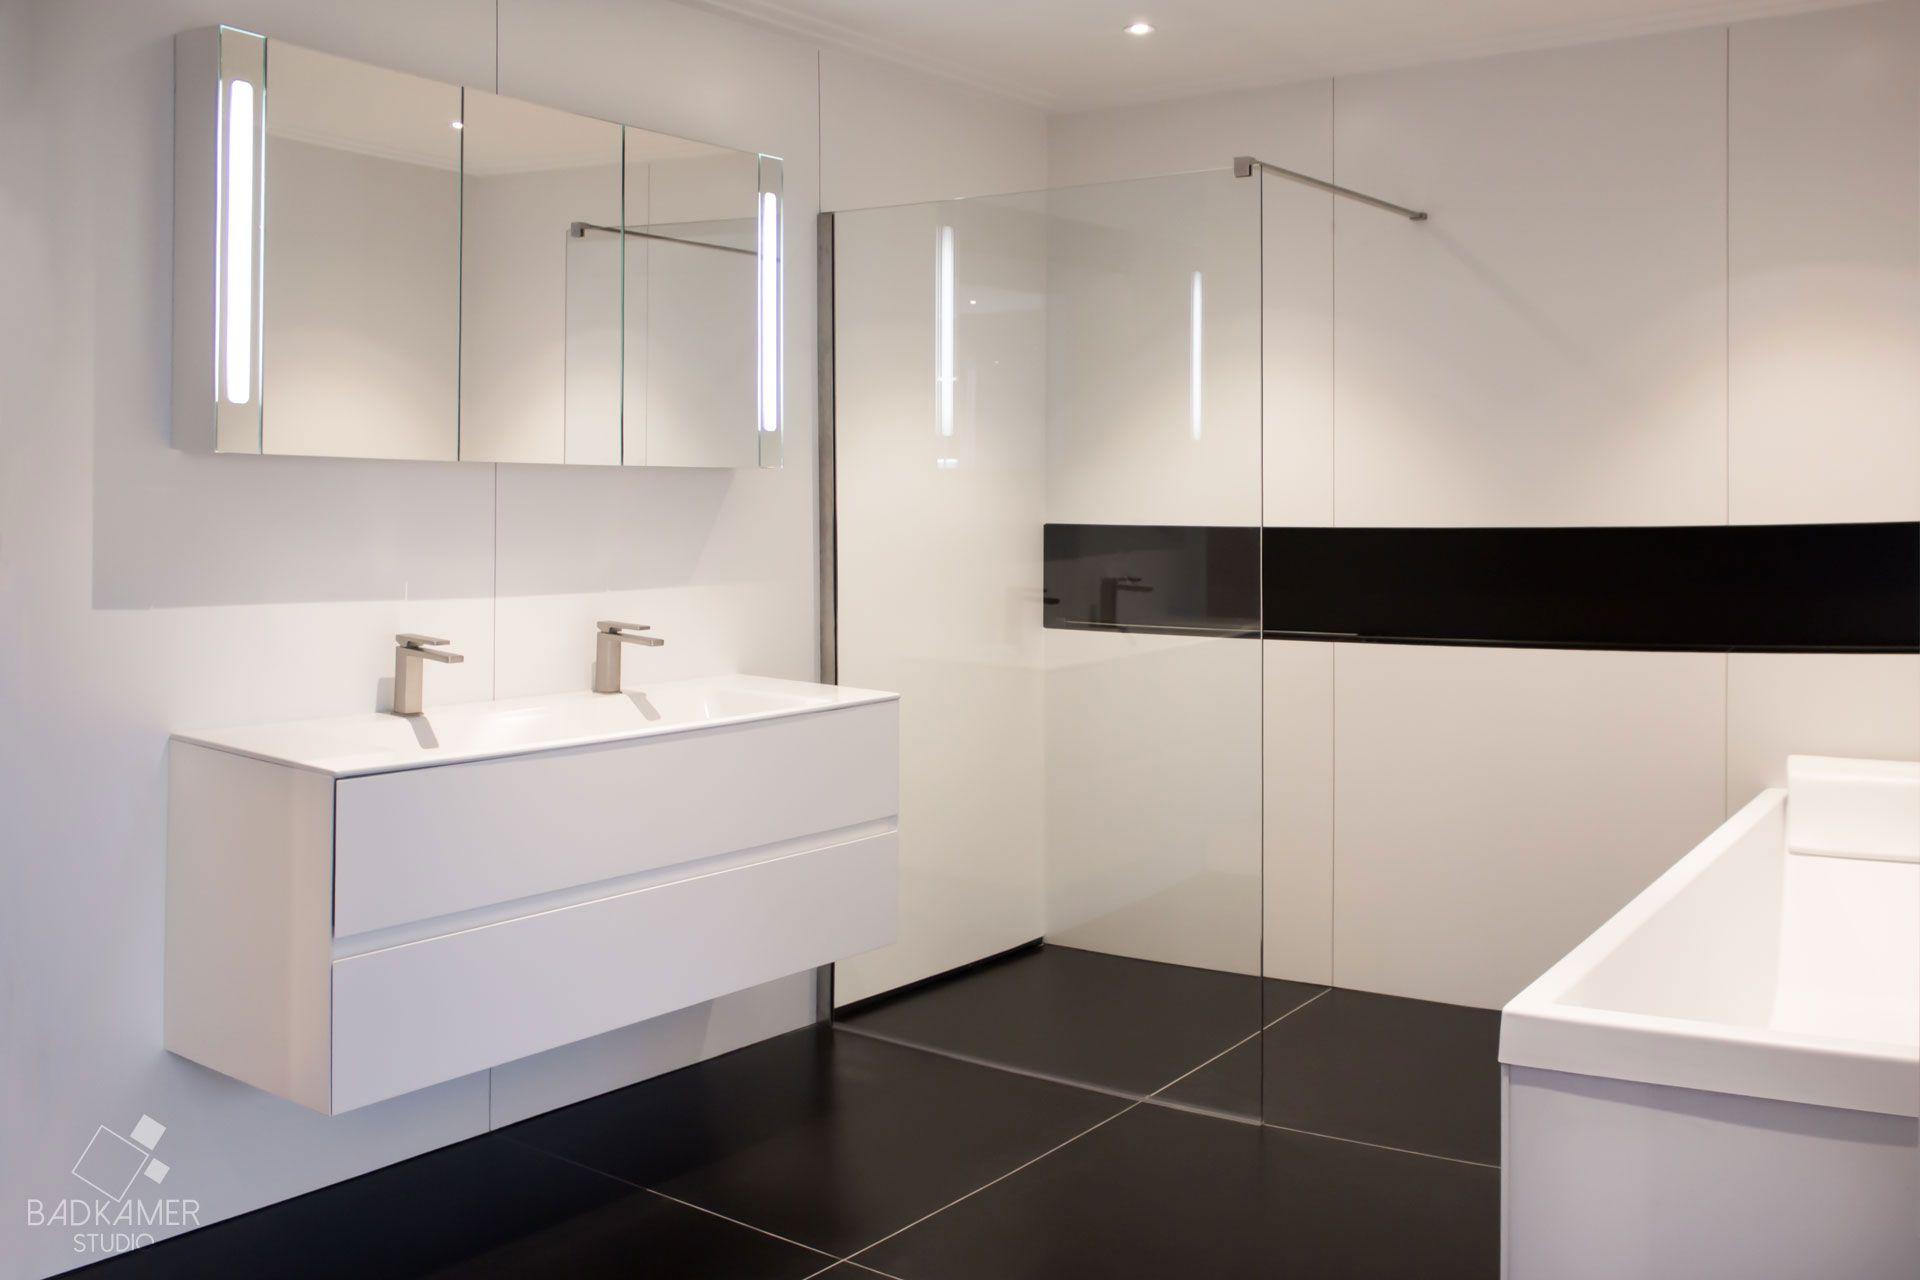 Badkamer Indeling Tips : Badkamer indeling tips. stunning beste ideen over kleine badkamer